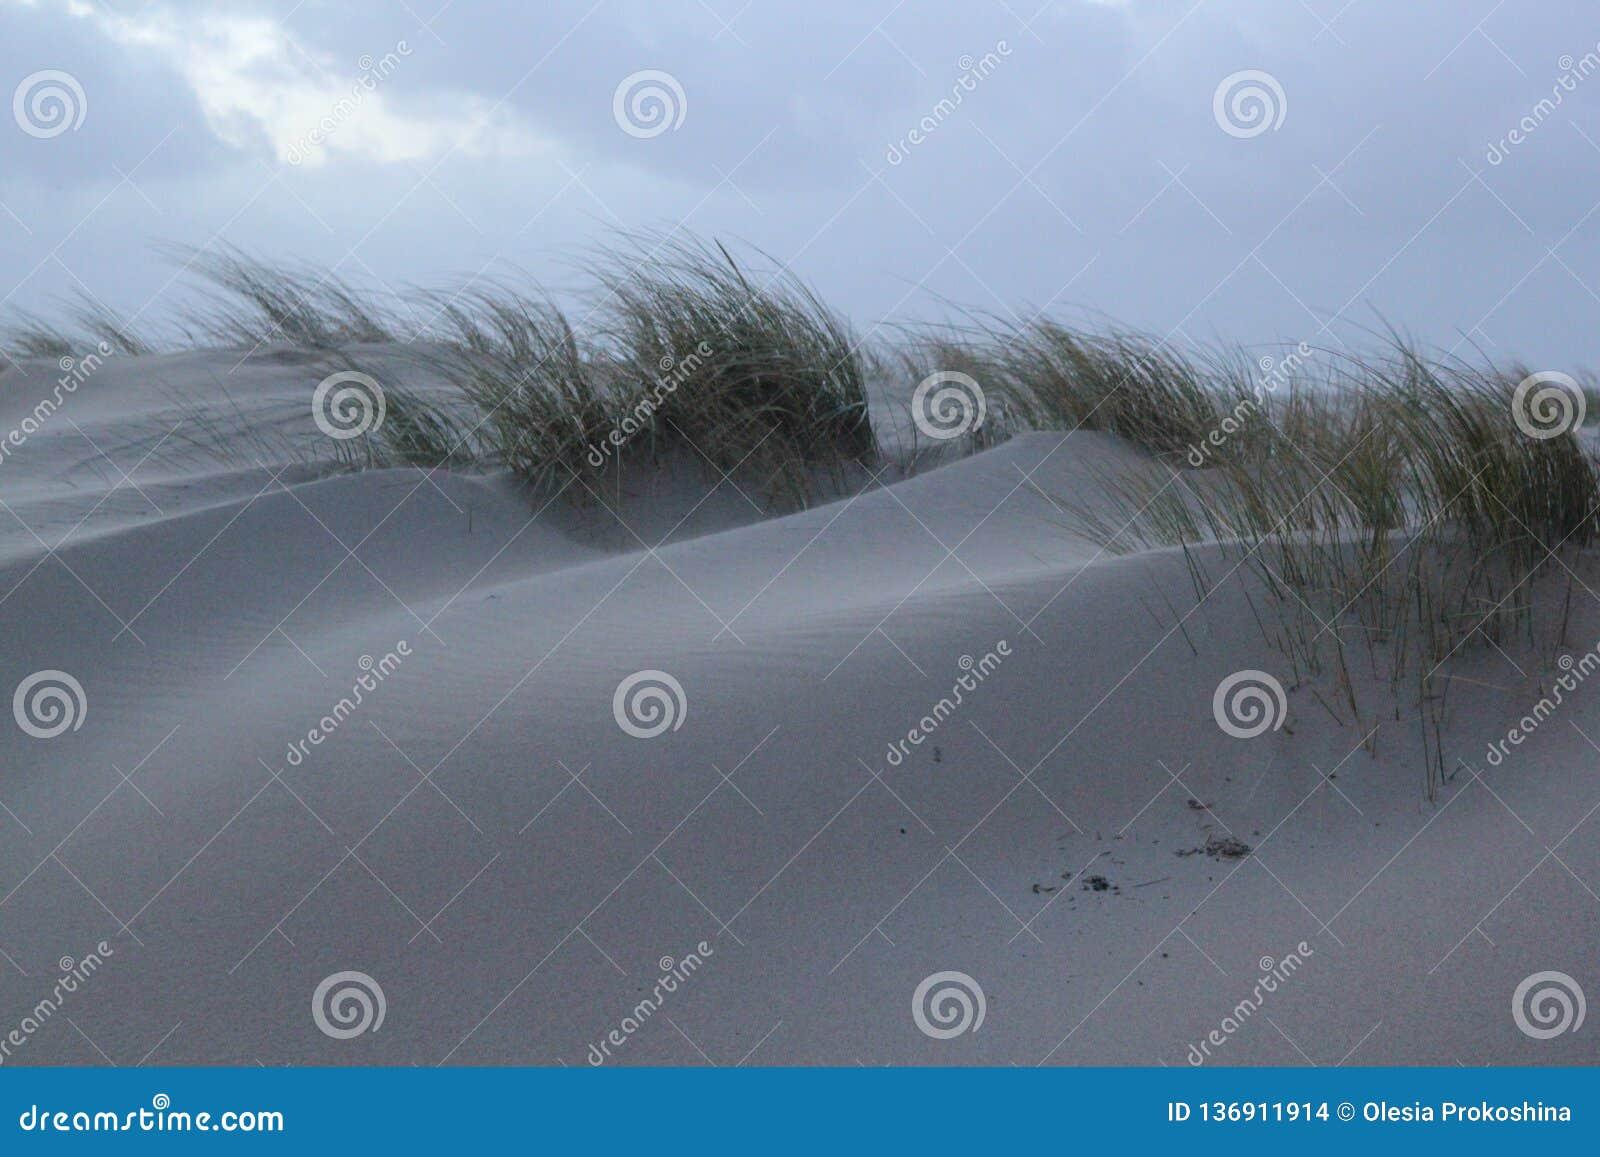 Dyn med gräs på kusten av Nordsjö i Zeeland i Nederländerna